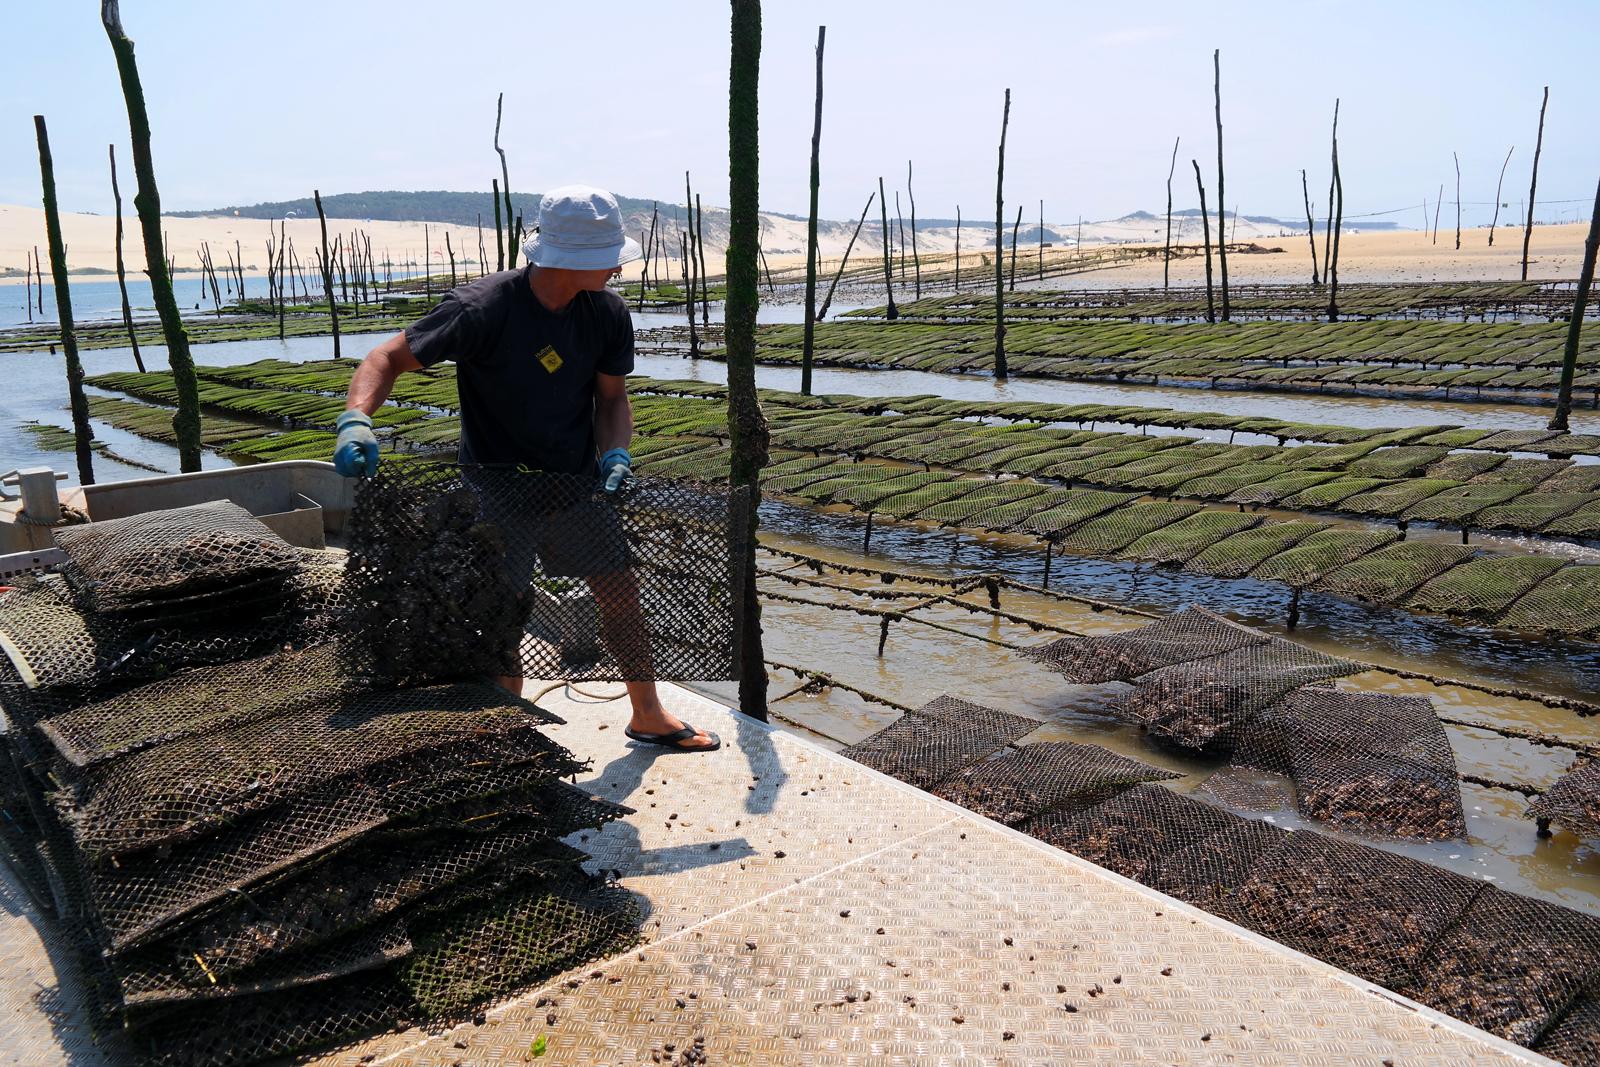 Eric Daugès ostréiculteur du Bassin d arcachon poches à huitres bateau Eole sortie à la marée tourisme expérience photo usofparis blog